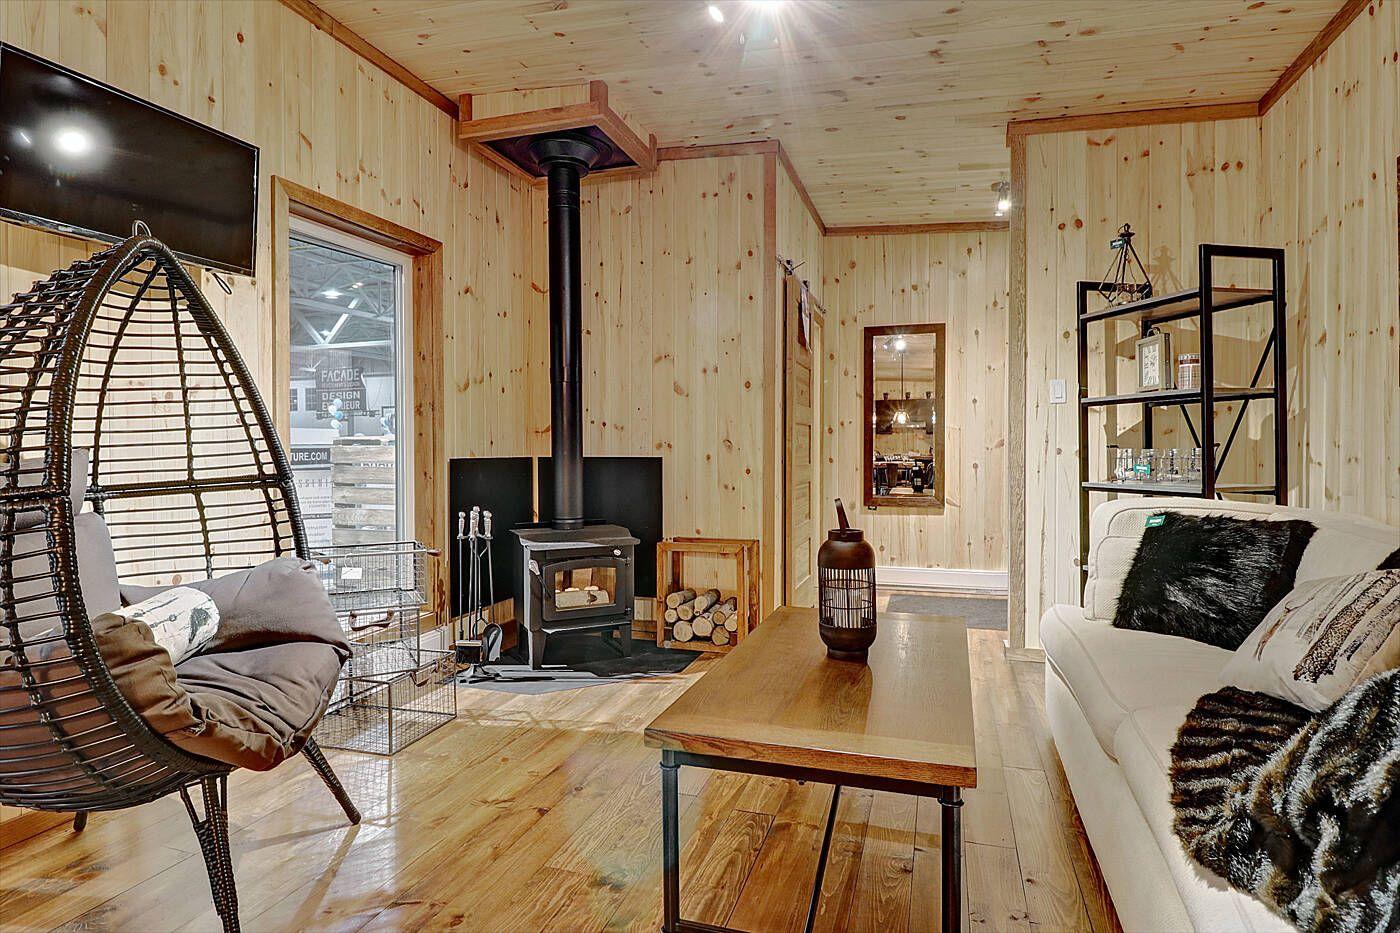 Un Salon Chaleureux Et Spacieux Living Room Carpet Room Home Decor #warm #industrial #living #room